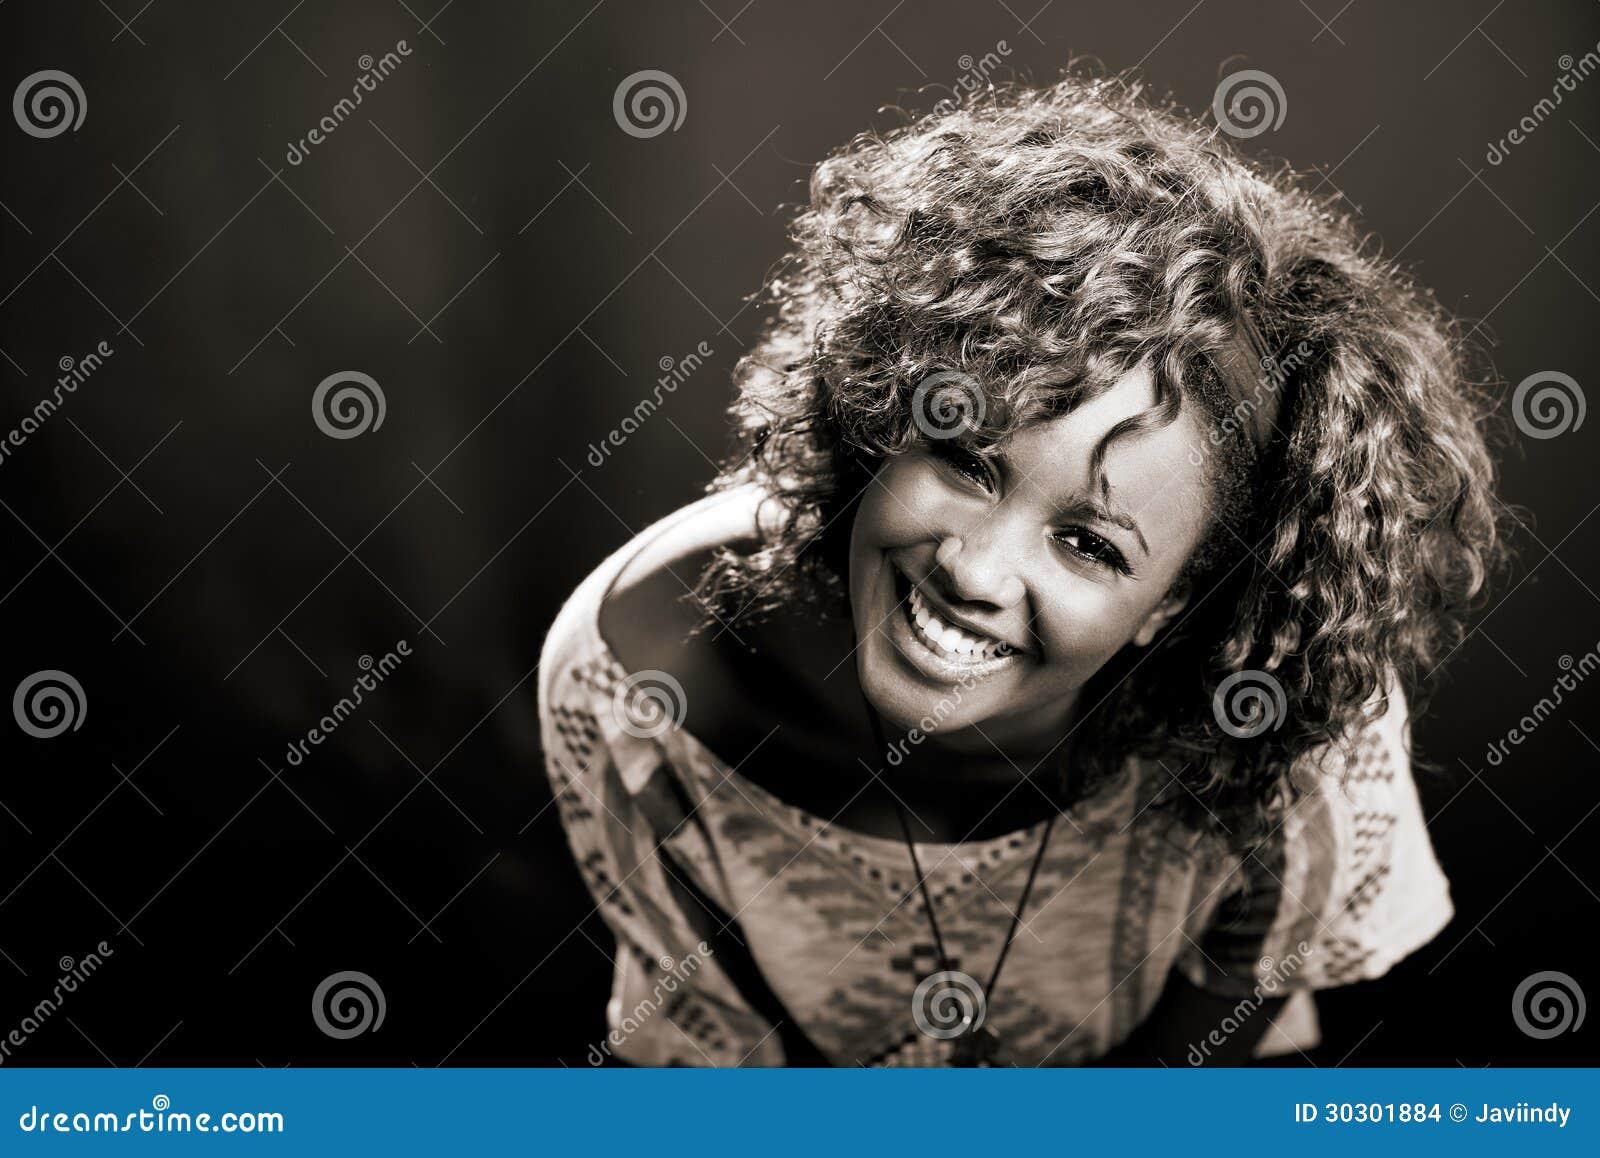 Mulher negra bonita no fundo preto. Tiro do estúdio